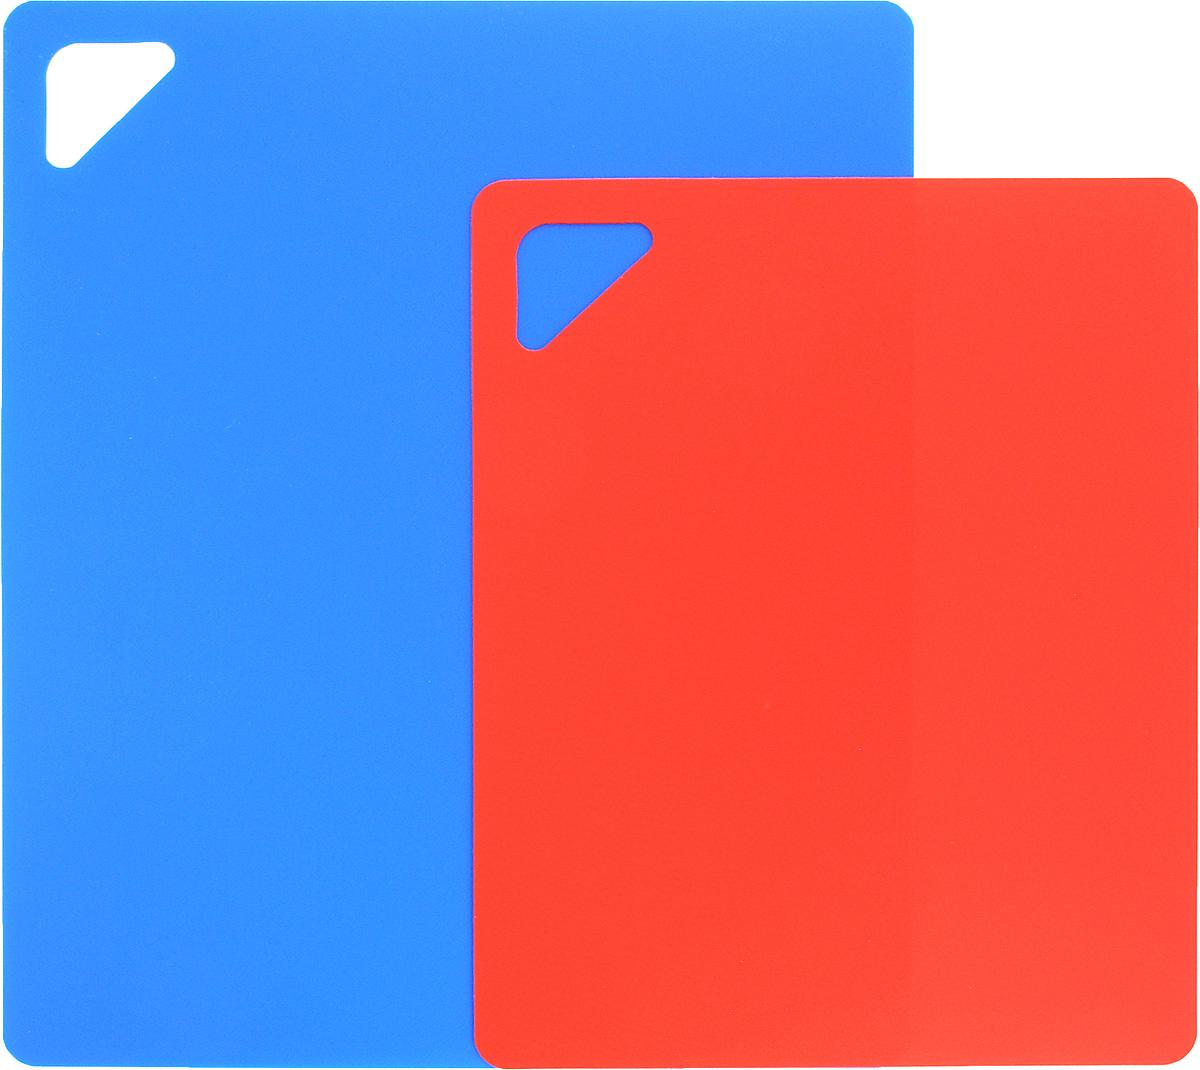 Разделочная доска Домашний Сундук, гибкая, цвет: синий, красный, 2 штДС-176_синий,красныйРазделочная доска Домашний Сундук, изготовленная из гибкого полиэтилена, прекрасно подходит для разделки всех видов пищевых продуктов. Не вступает в химическую реакцию, не выделяет вредных веществ, предотвращает размножение болезнетворных микроорганизмов на поверхности доски. Разделочная доска плотно прилегает к любой поверхности стола или столешницы и не скользит.Порадуйте себя и своих близких качественным и функциональным подарком.